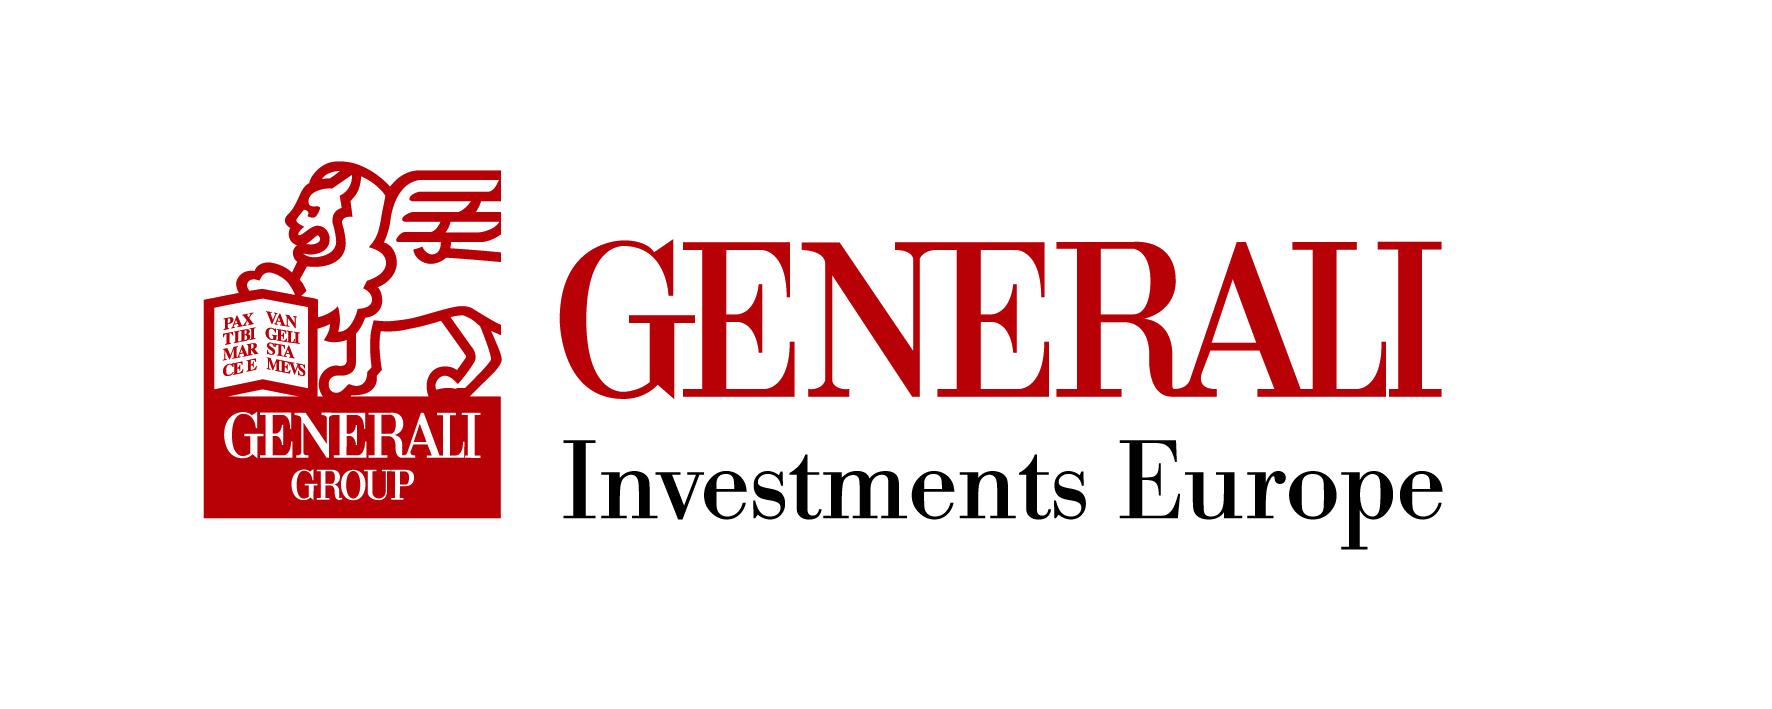 generali investment